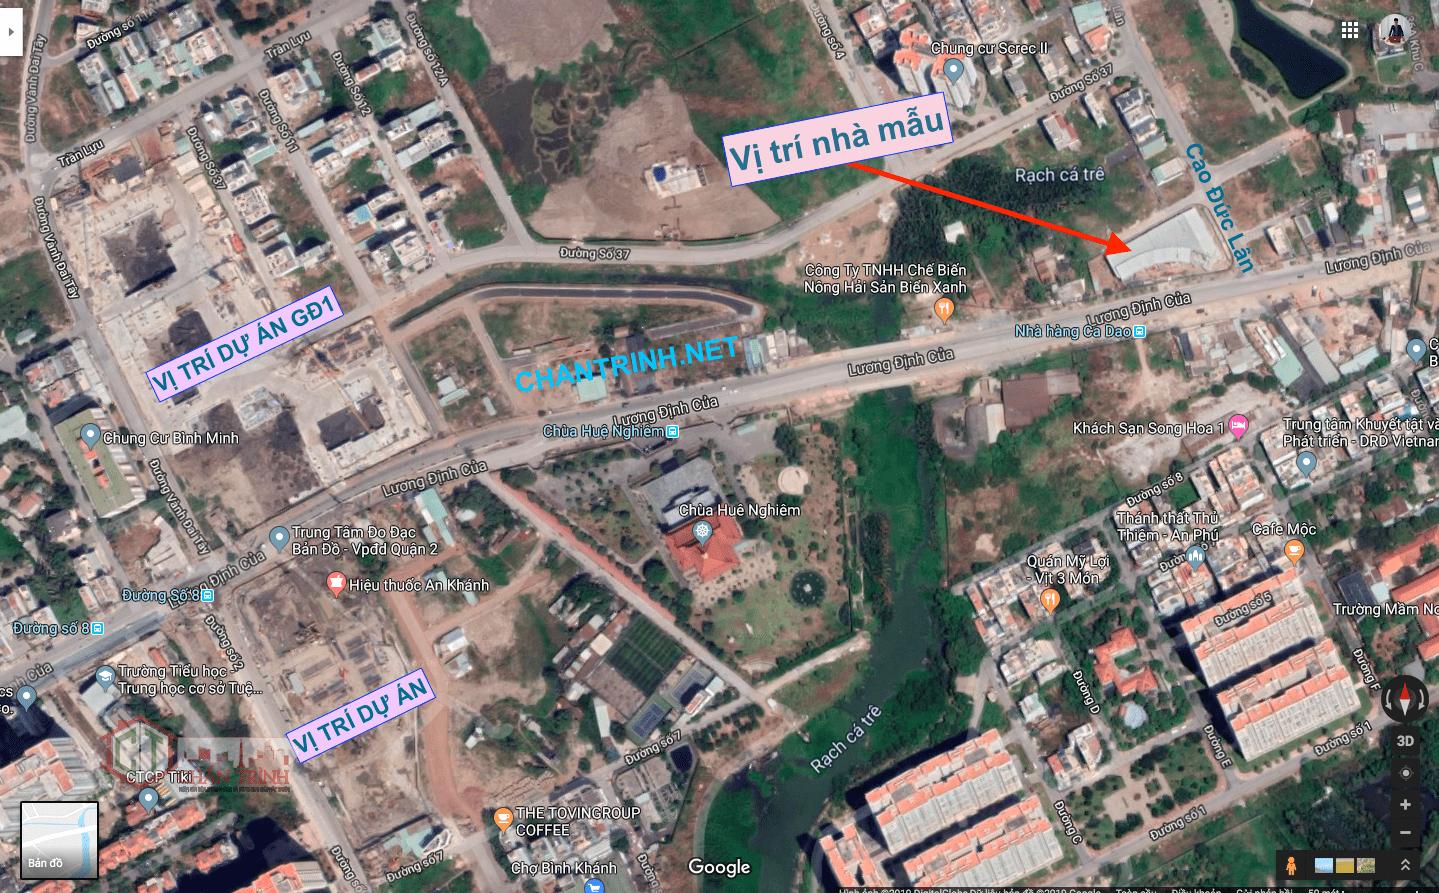 Vị trí nhà mẫu dự án Laimian City Quận 2